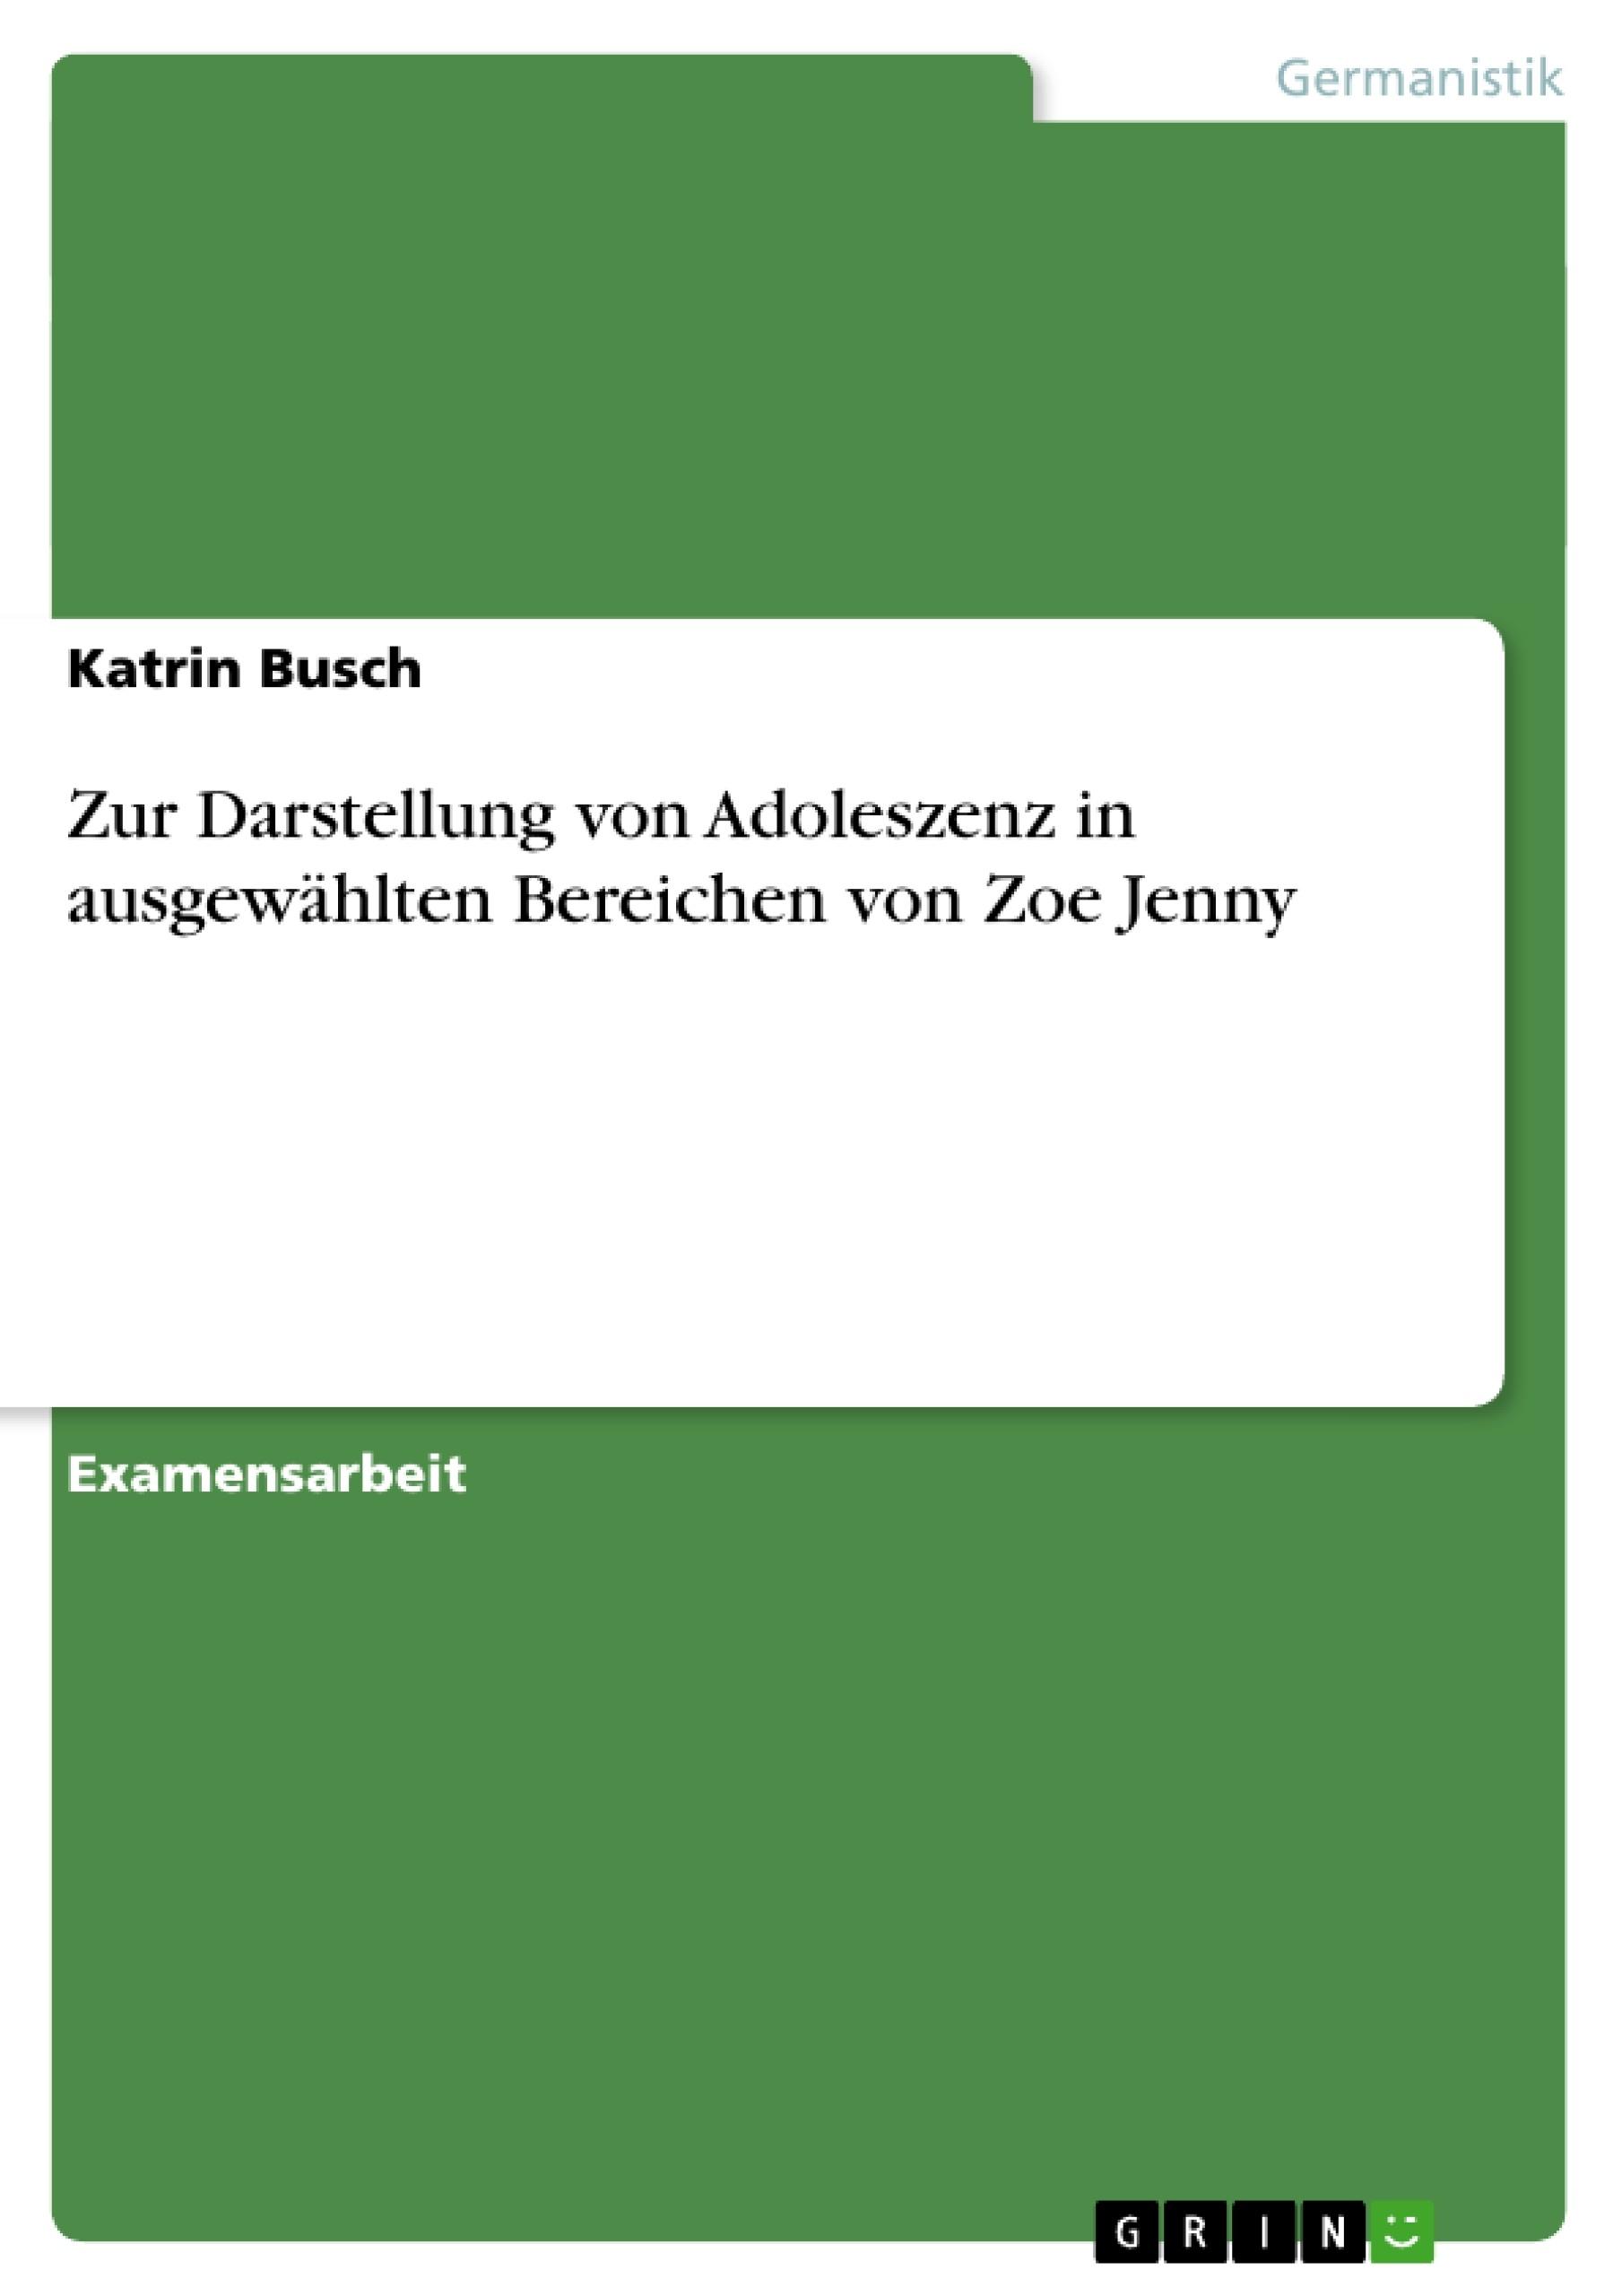 Titel: Zur Darstellung von Adoleszenz in ausgewählten Bereichen von Zoe Jenny